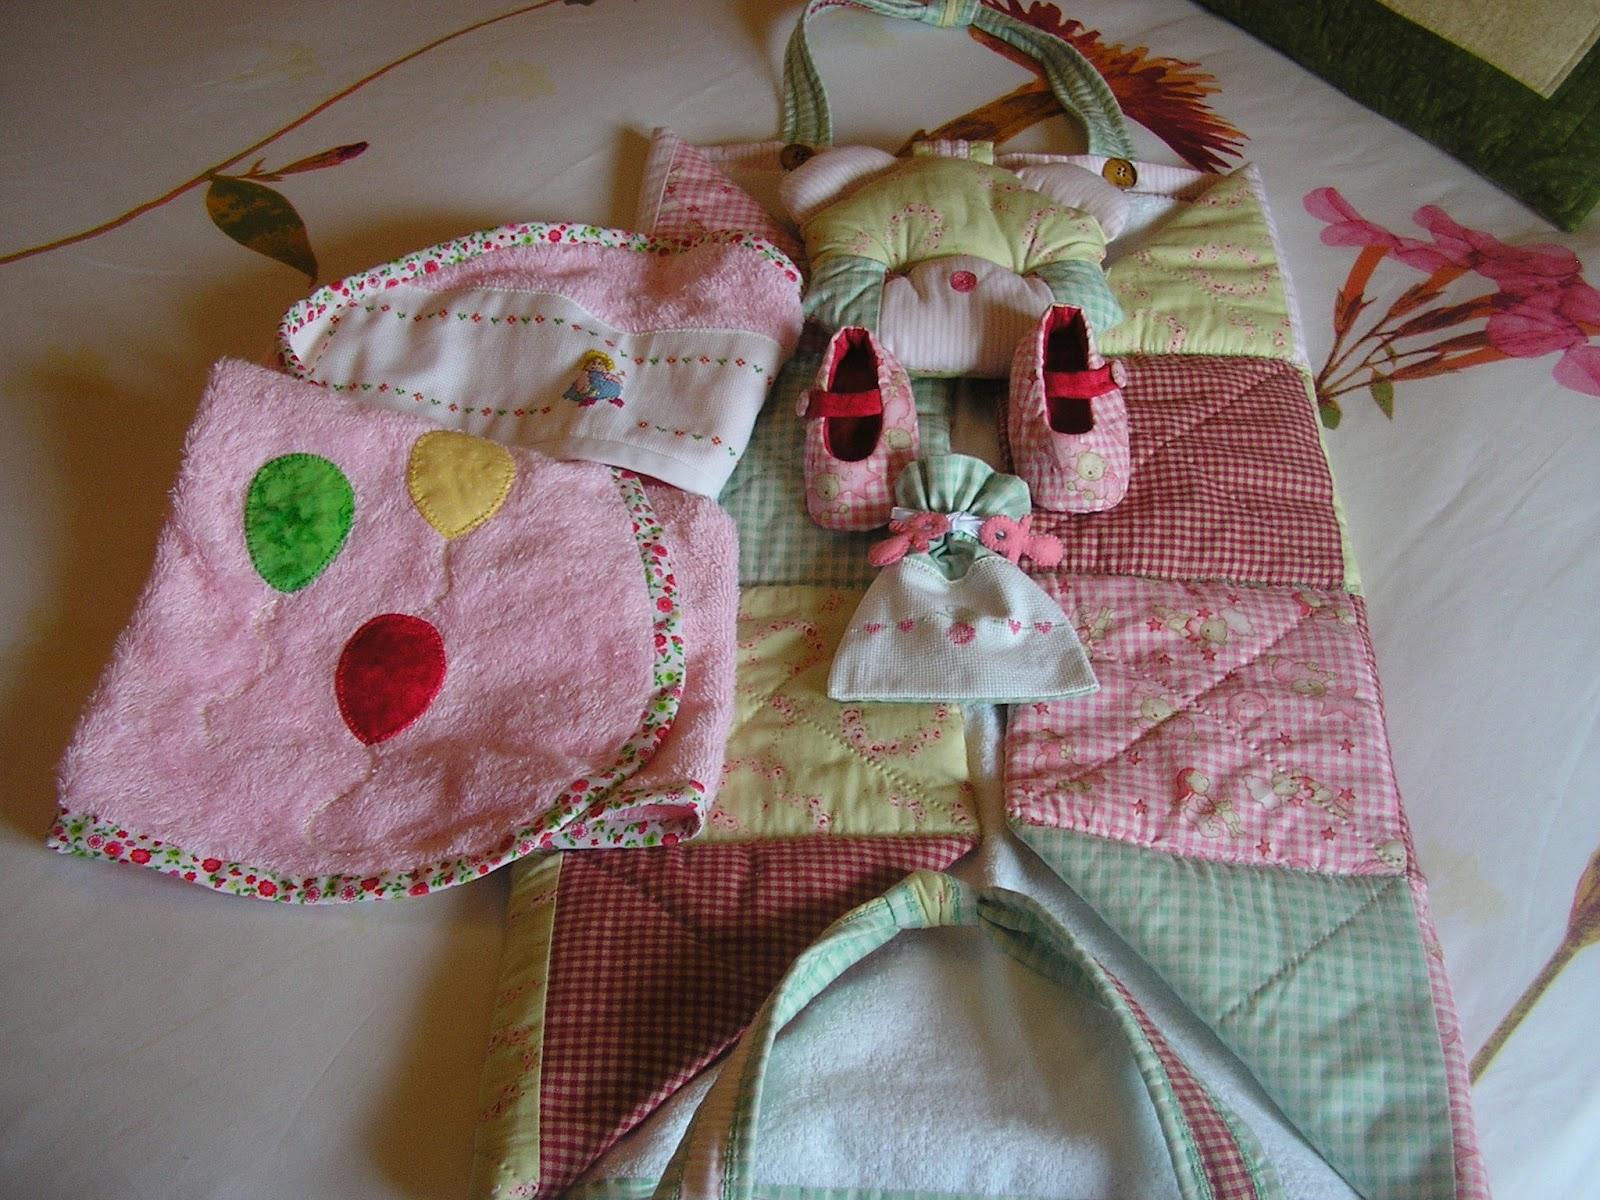 Patchwork 39 s home cambiador de beb s - Cambiador bebe patchwork ...